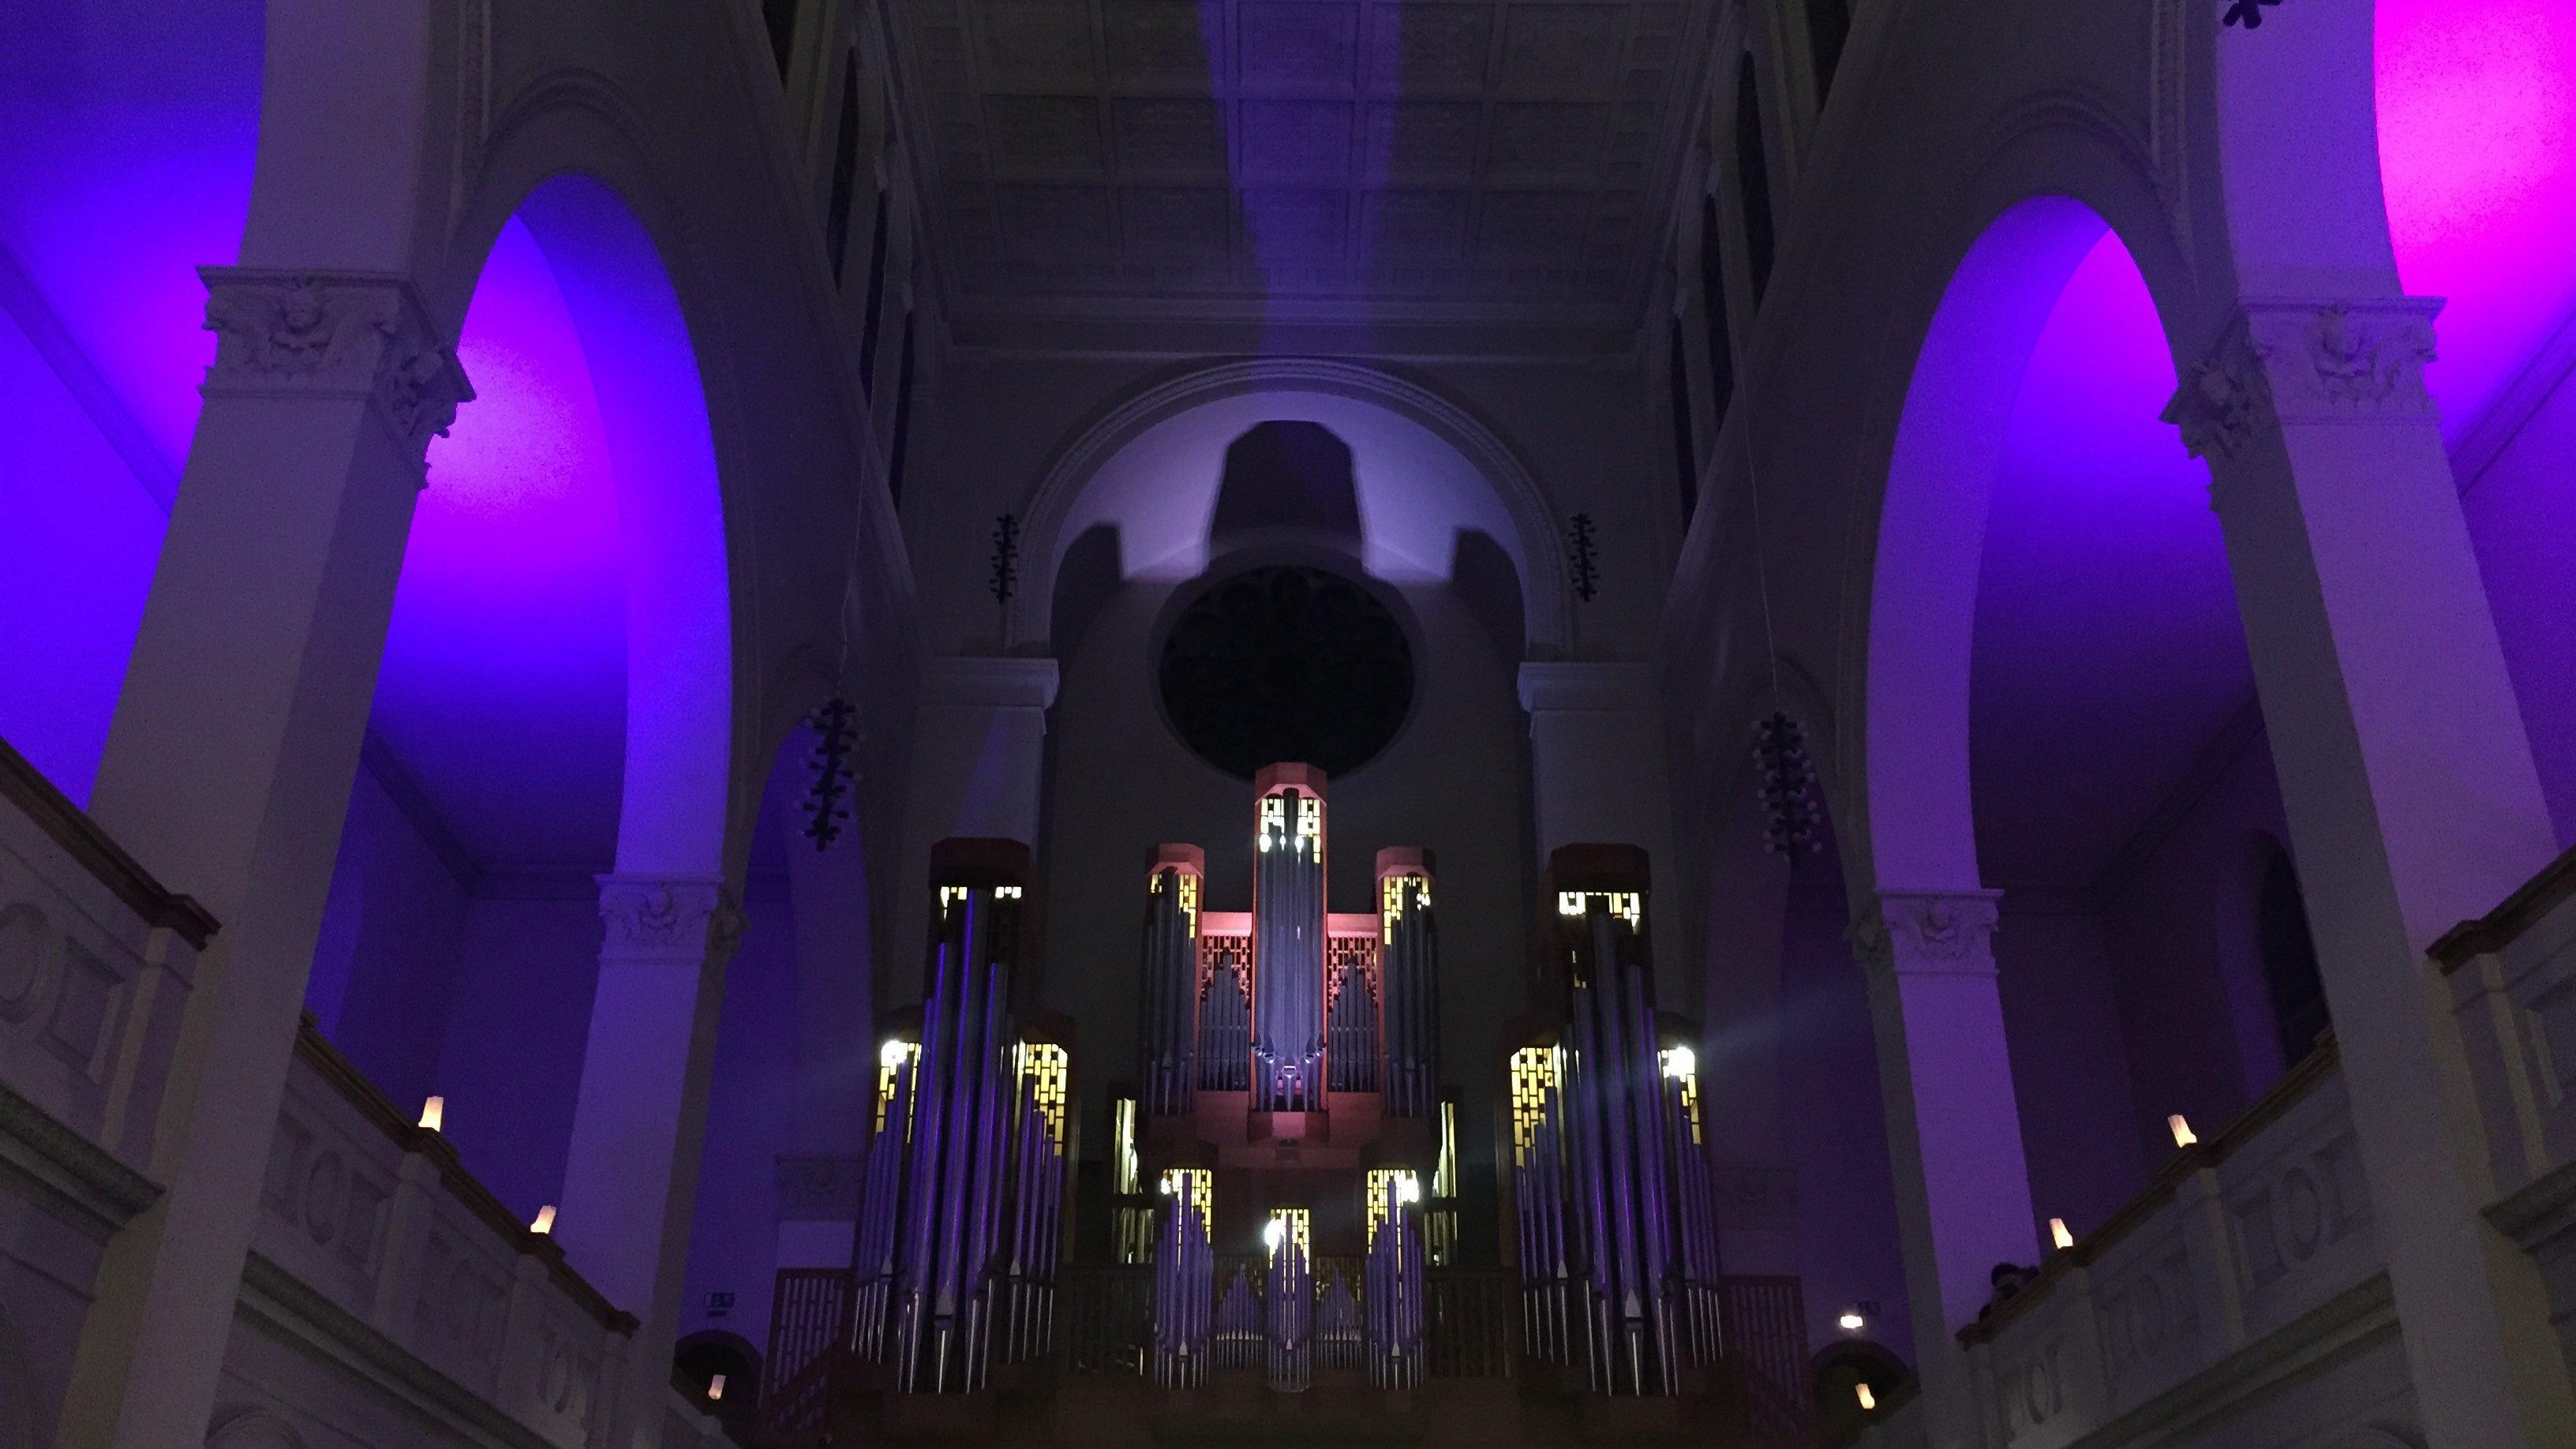 Vom Barock zur Elektronik – Lange Orgelnacht in der Trinitatiskirche